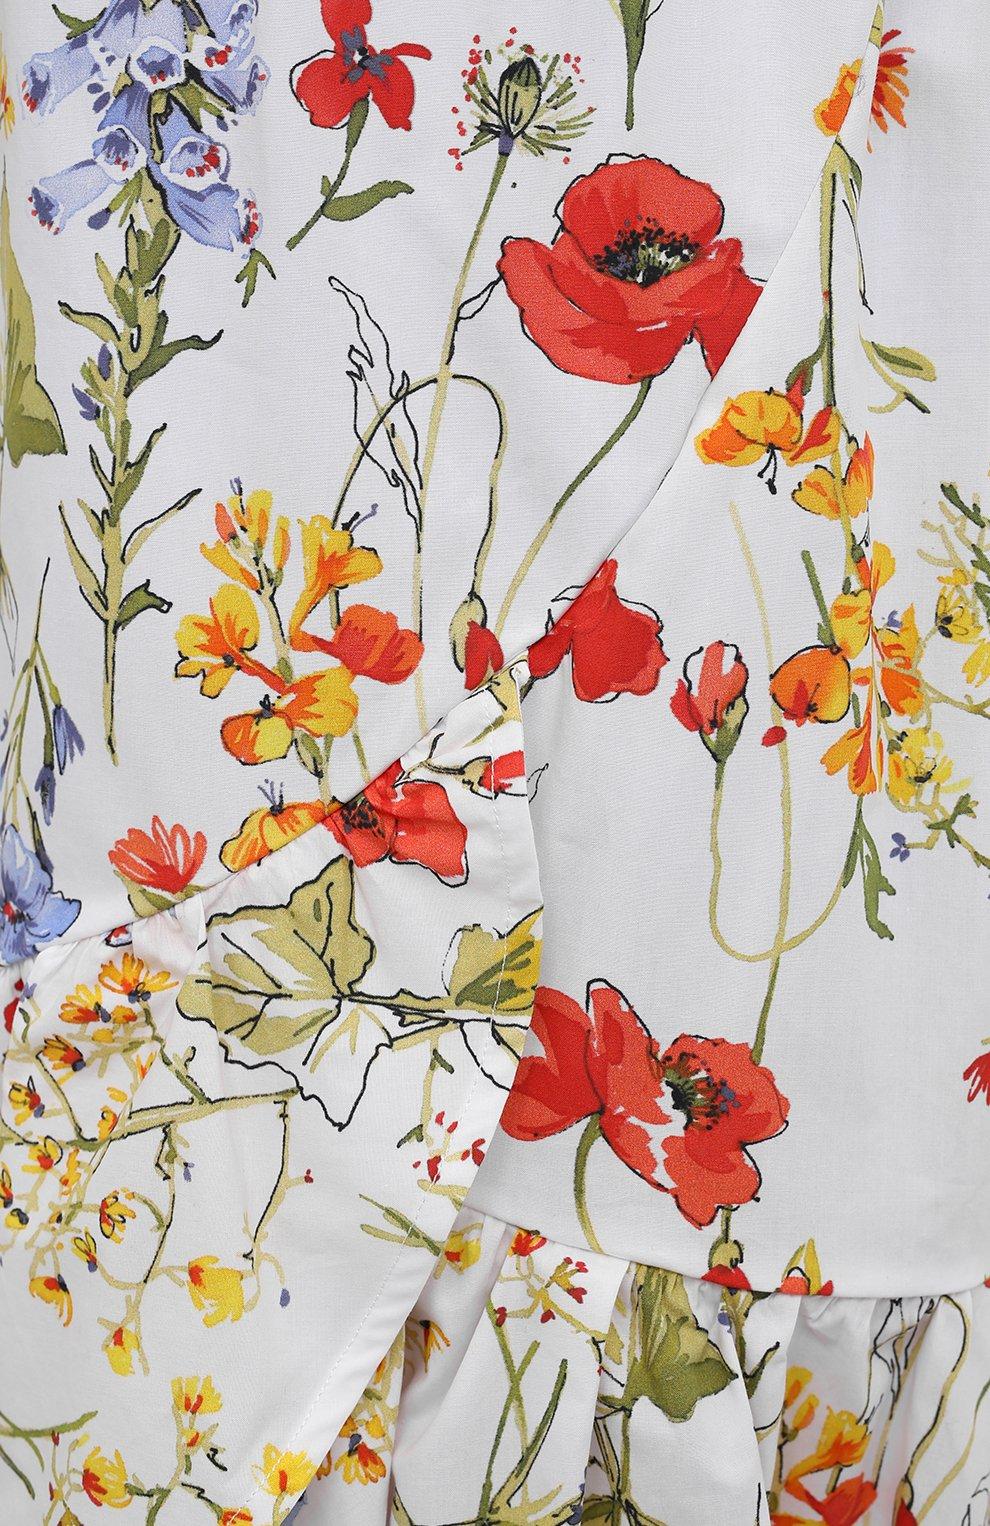 Женская хлопковая юбка SARA ROKA разноцветного цвета, арт. R0SLYN/31-S21   Фото 5 (Женское Кросс-КТ: Юбка-одежда; Материал внешний: Хлопок; Длина Ж (юбки, платья, шорты): Миди; Стили: Бохо)